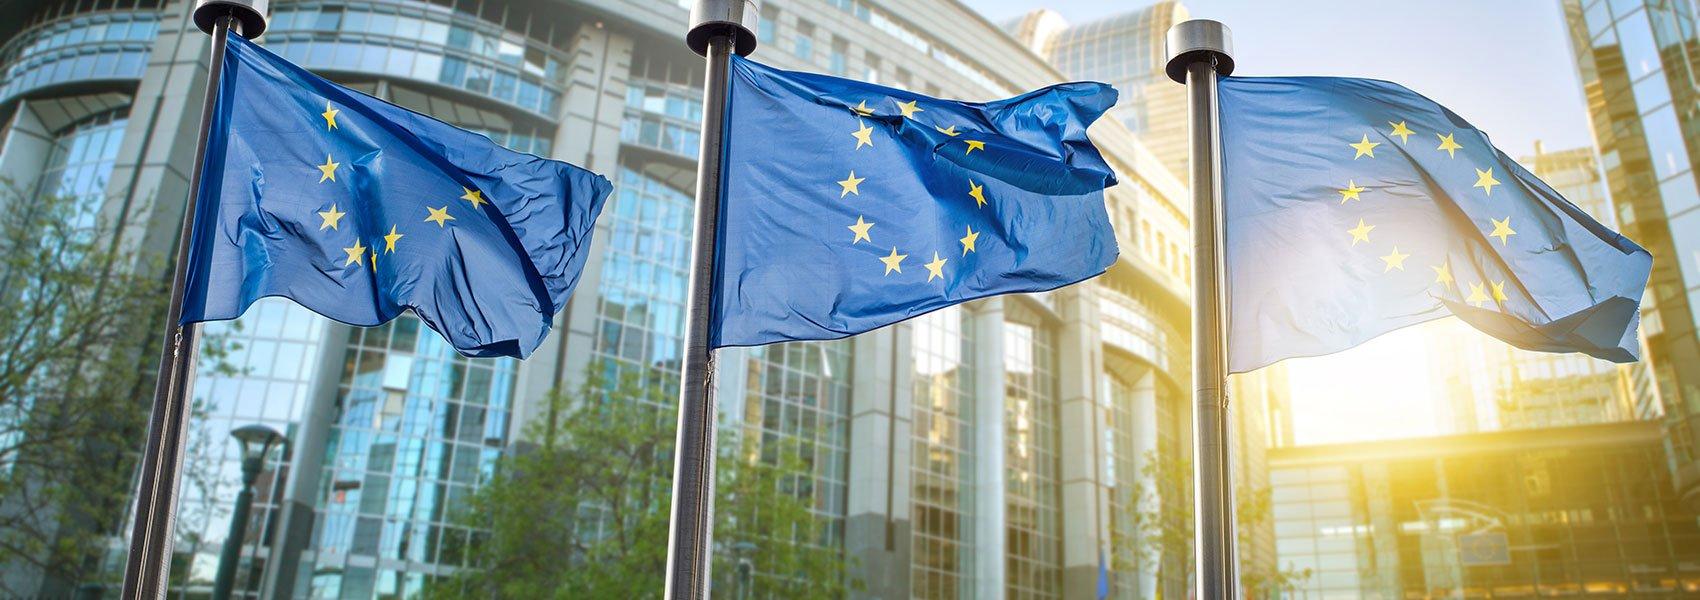 European Union Environmental Footprint